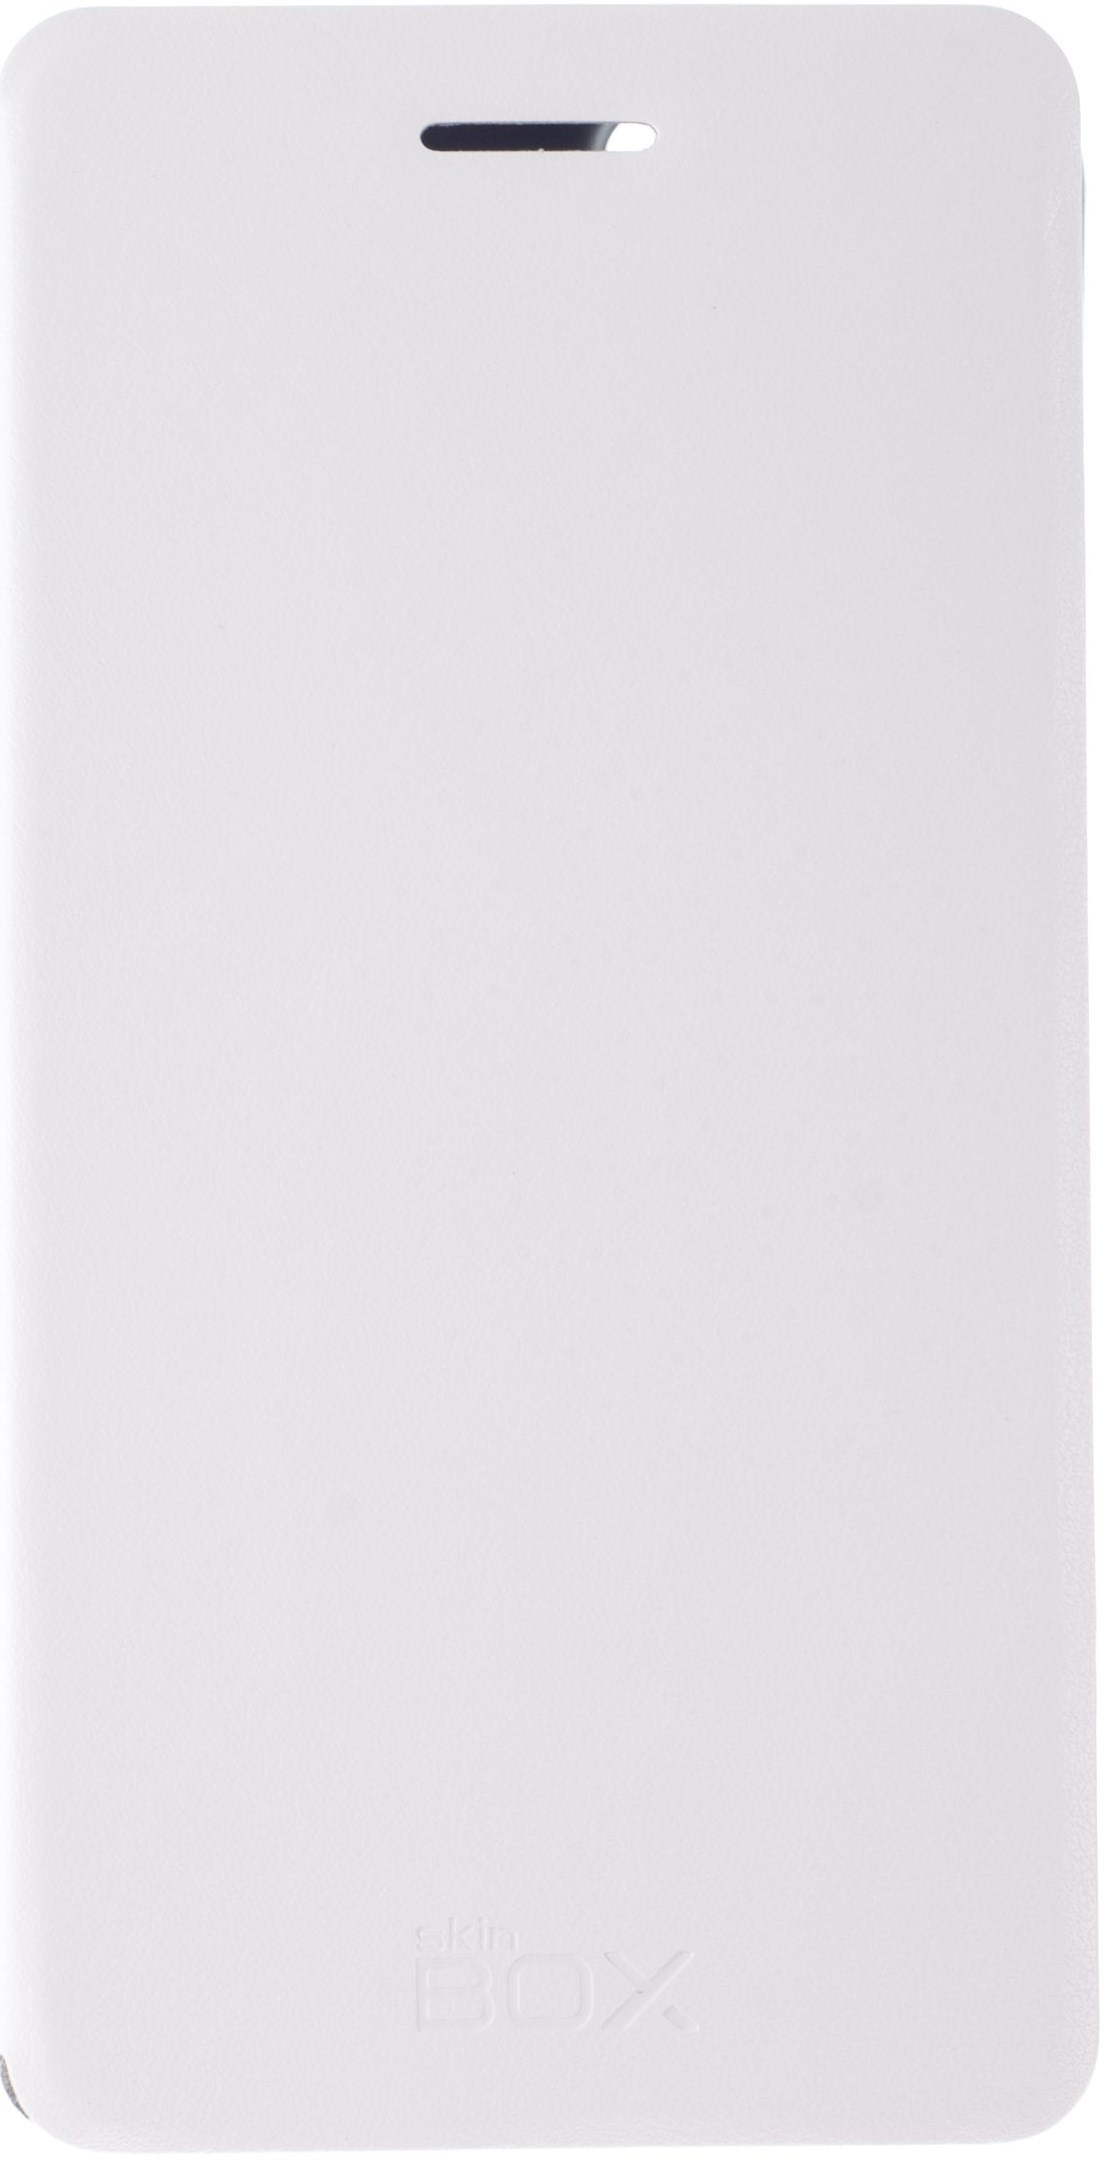 Чехол для сотового телефона skinBOX Lux, 4630042525542, белый цена и фото